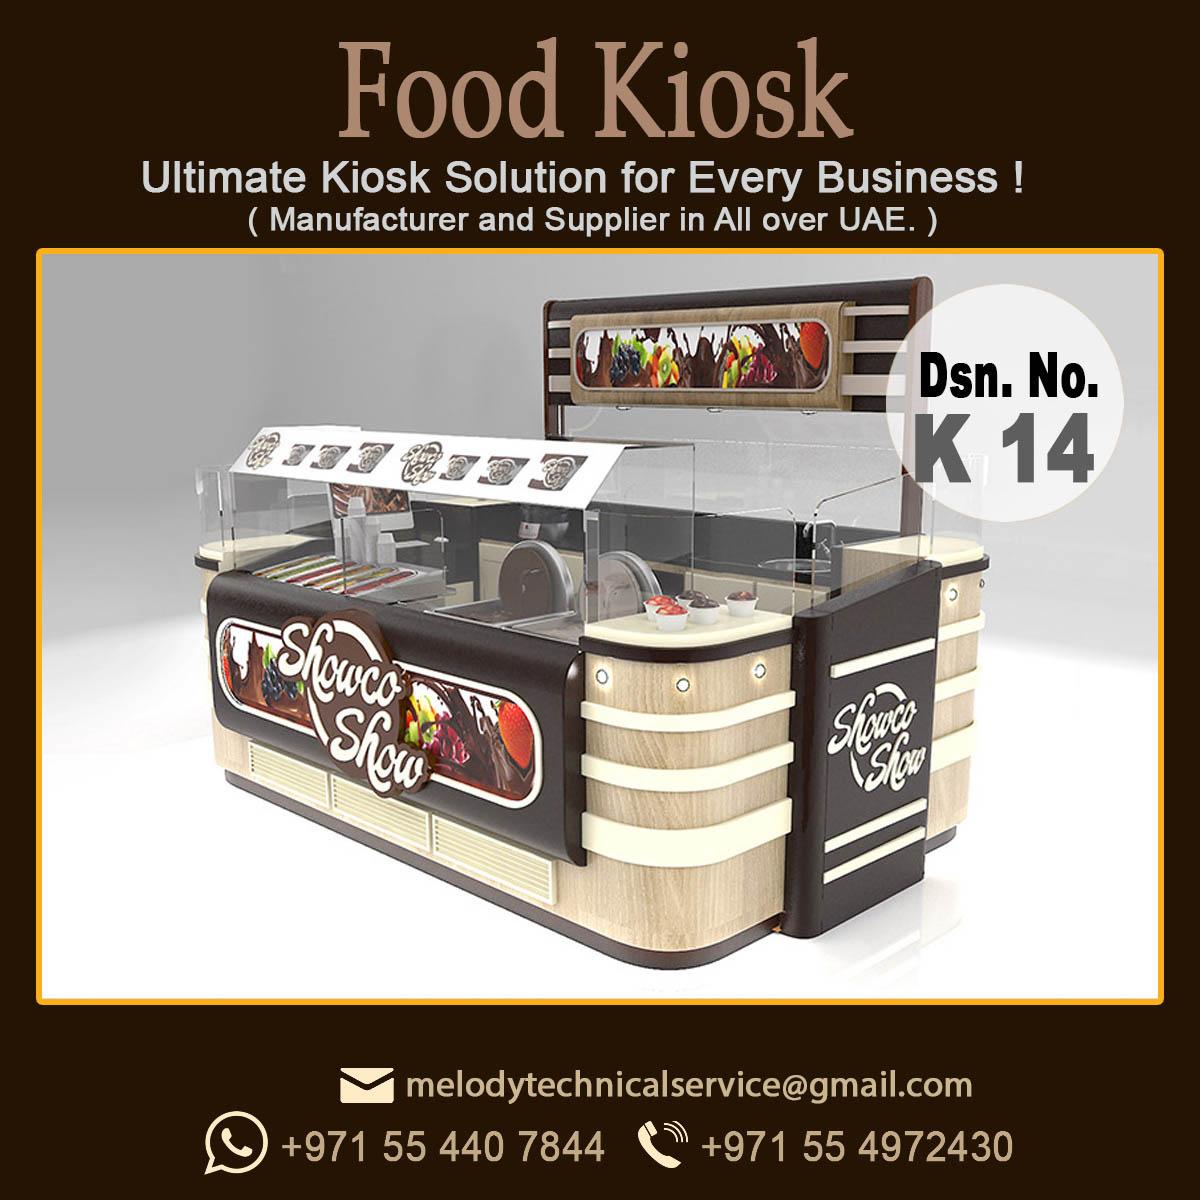 Perfume Kiosk Dubai  Wooden kiosk Suppliers  Mall Kiosk Design (3).jpg